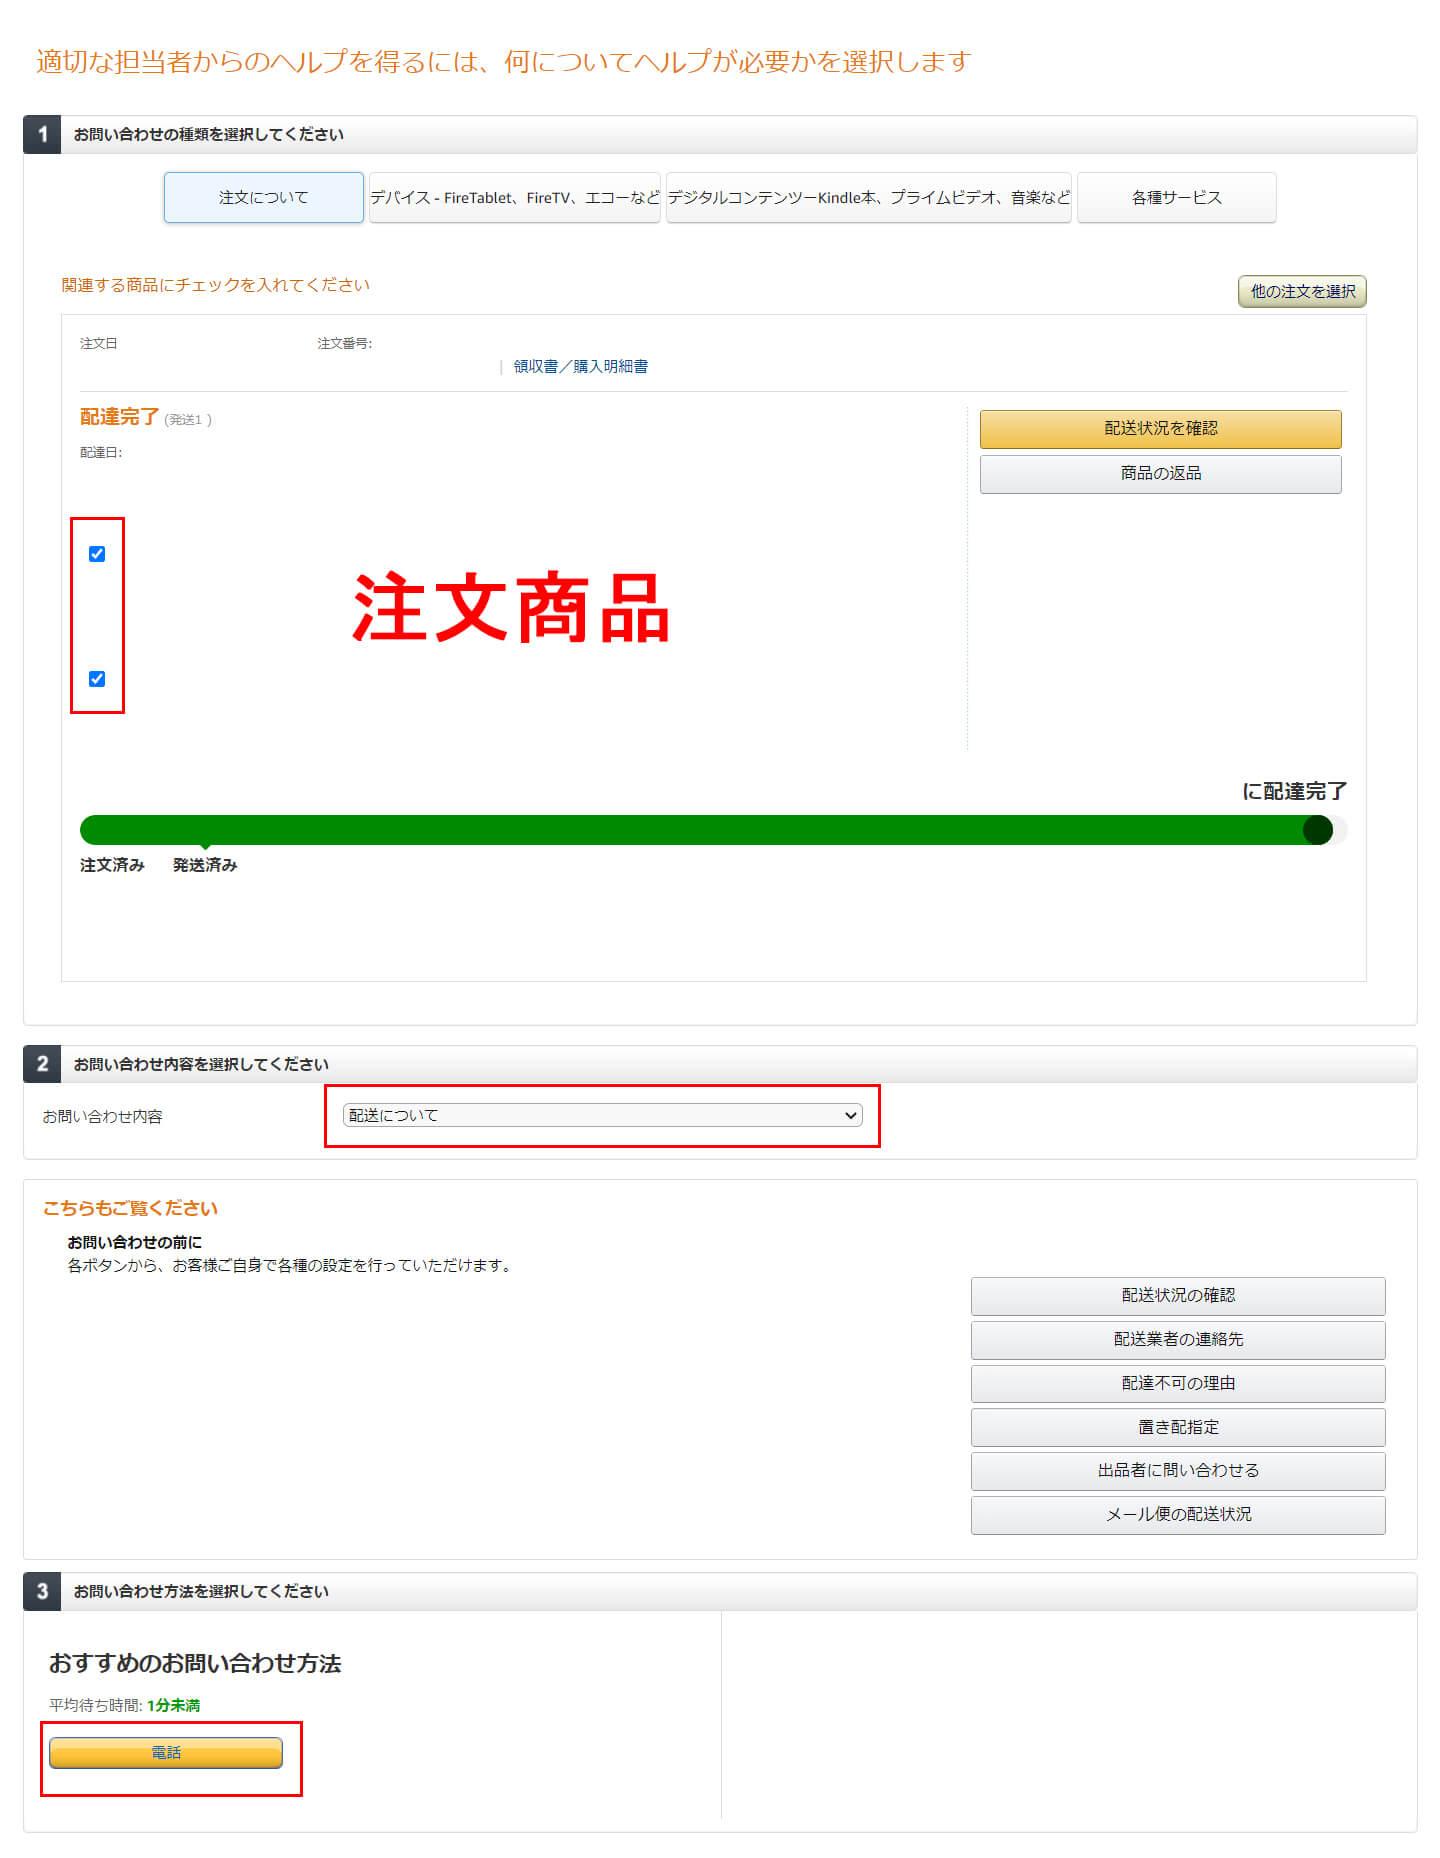 【置き配】Amazonで誤配送があった場合の対処方法 (4)